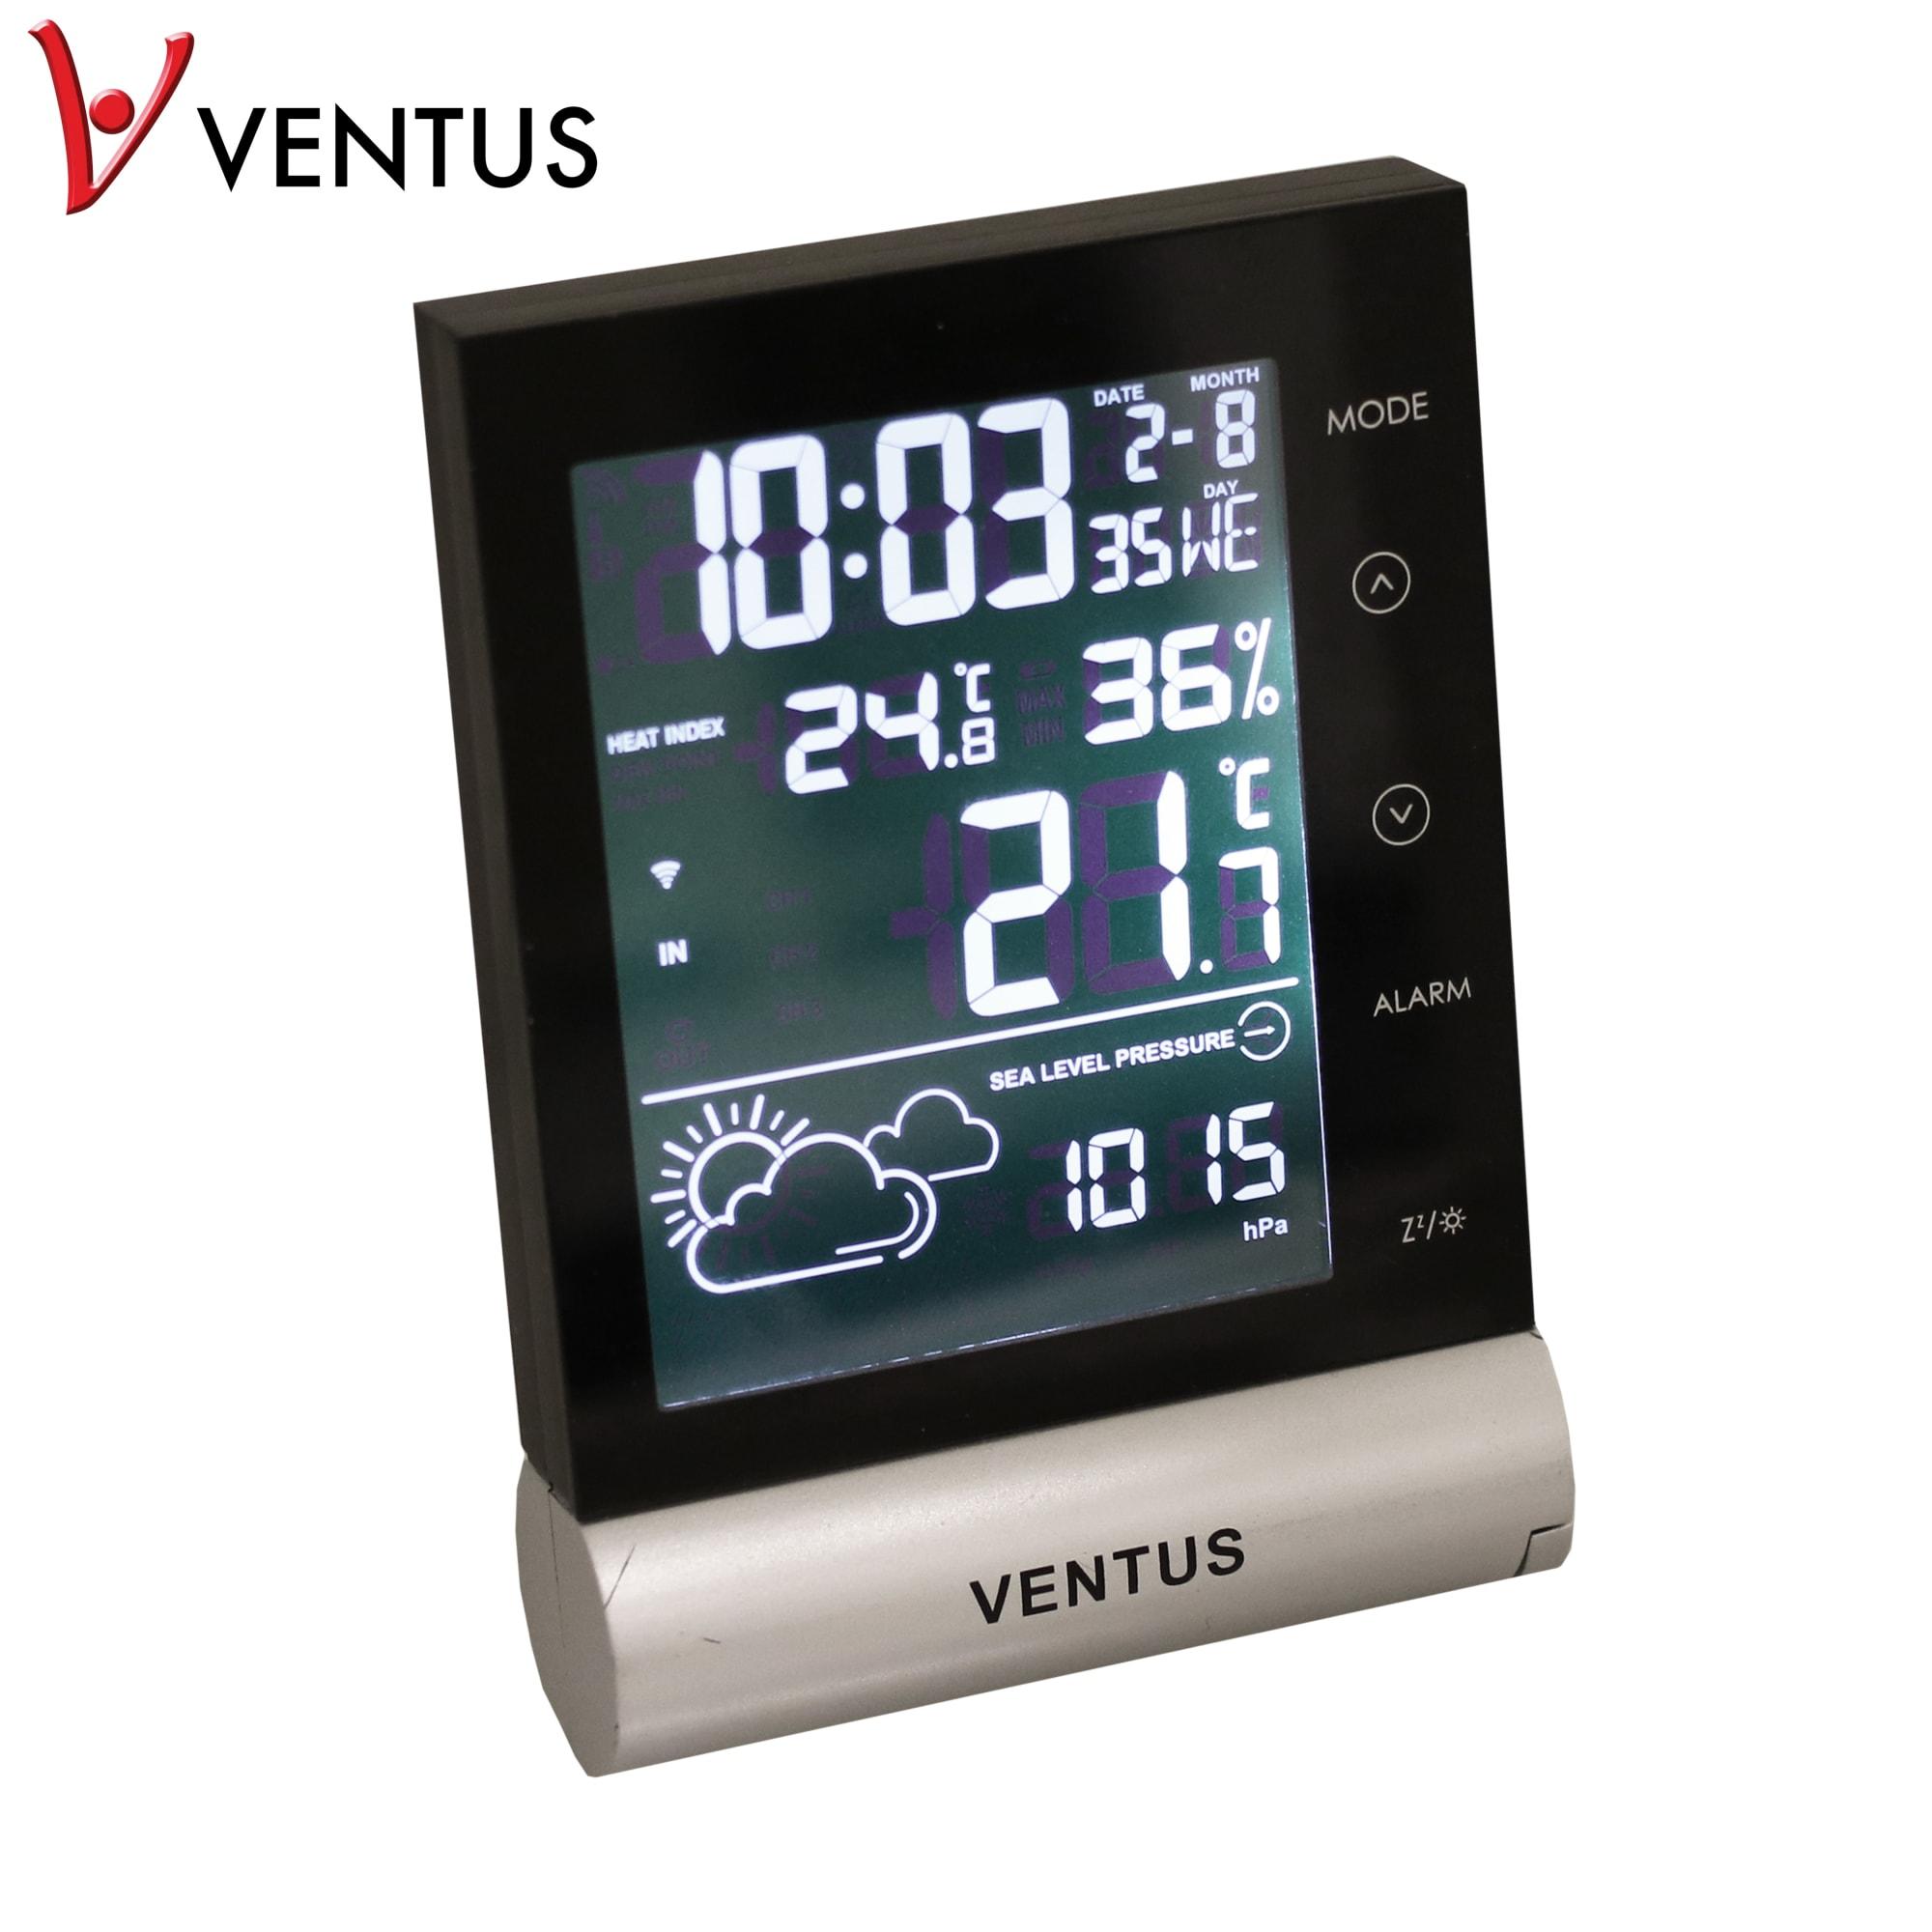 Viser den lokale vejrudsigt, temperaturen, luftfugtigheden m.m.